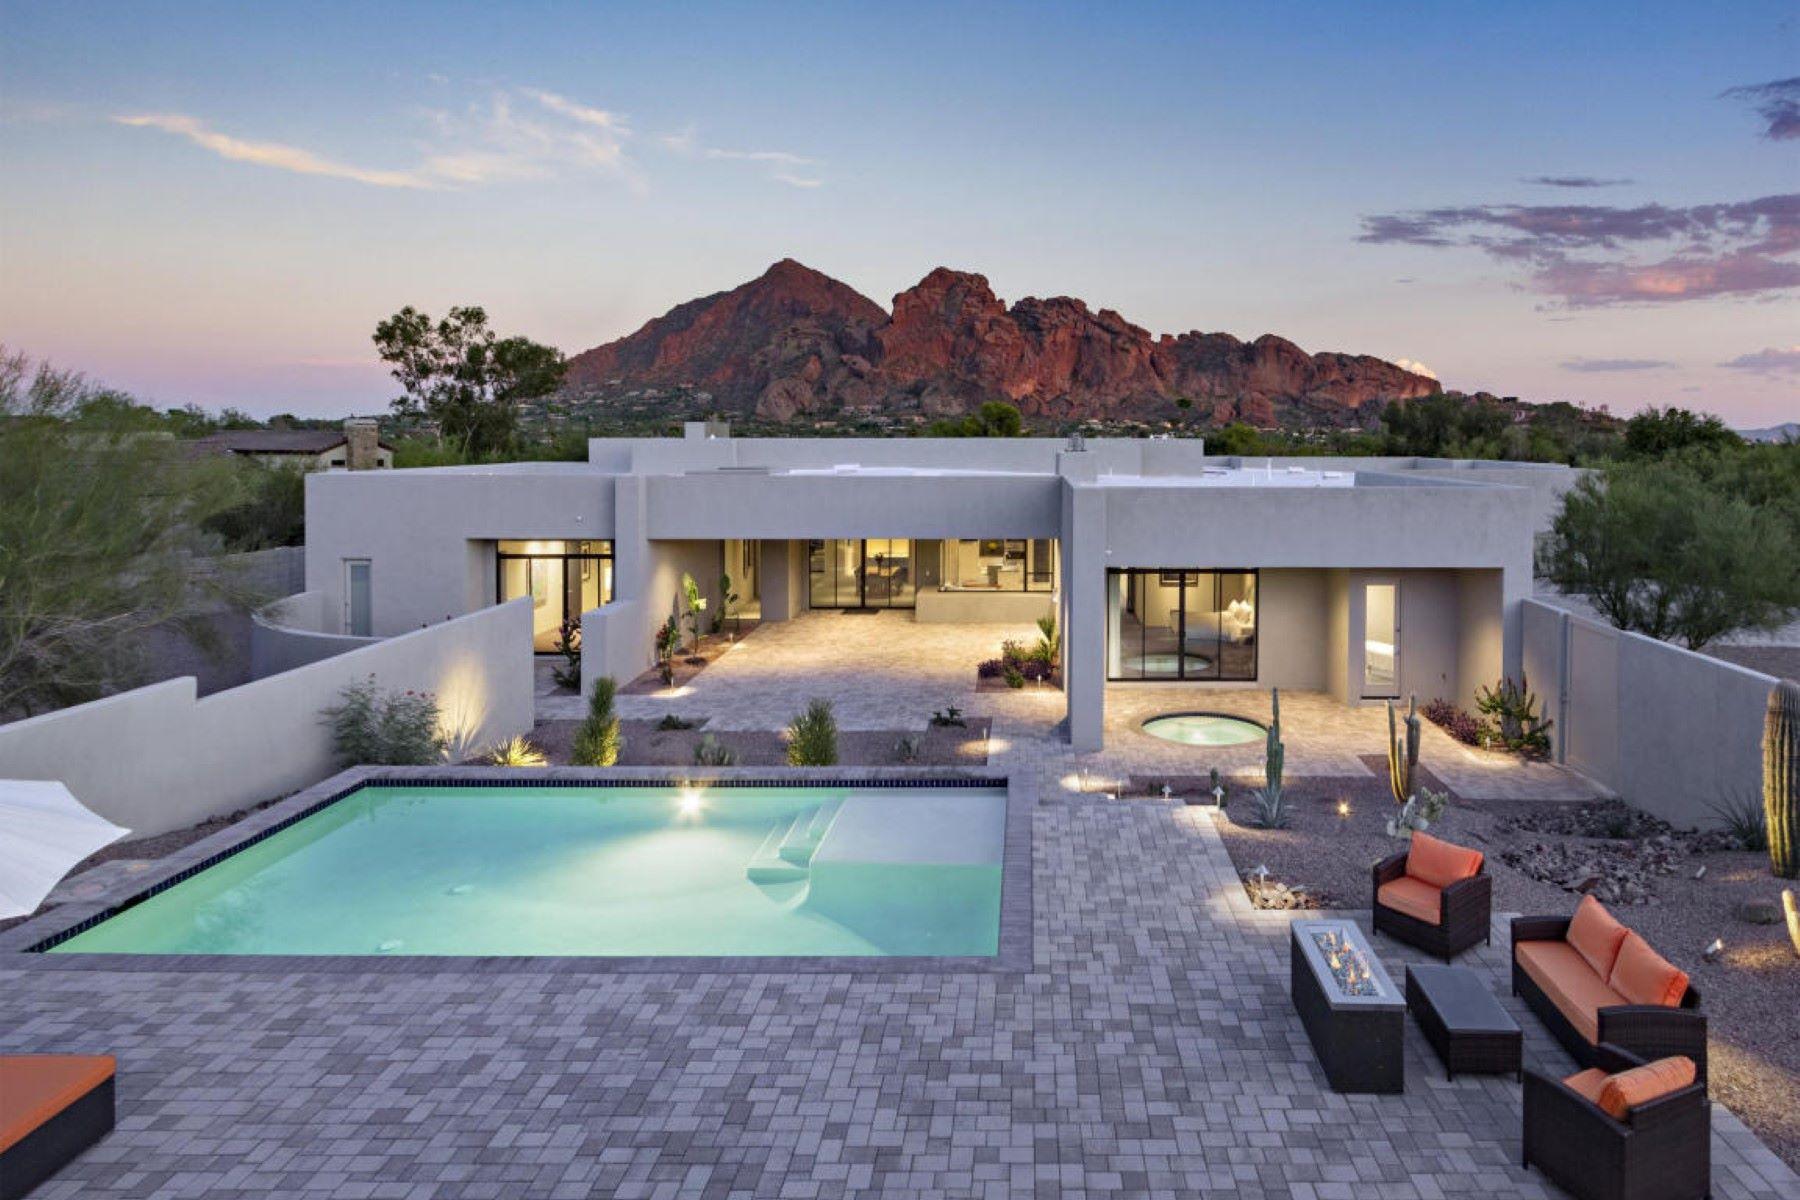 Einfamilienhaus für Verkauf beim Luxury contemporary home in Paradise Valley 4700 E Sierra Vista Dr Paradise Valley, Arizona, 85253 Vereinigte Staaten